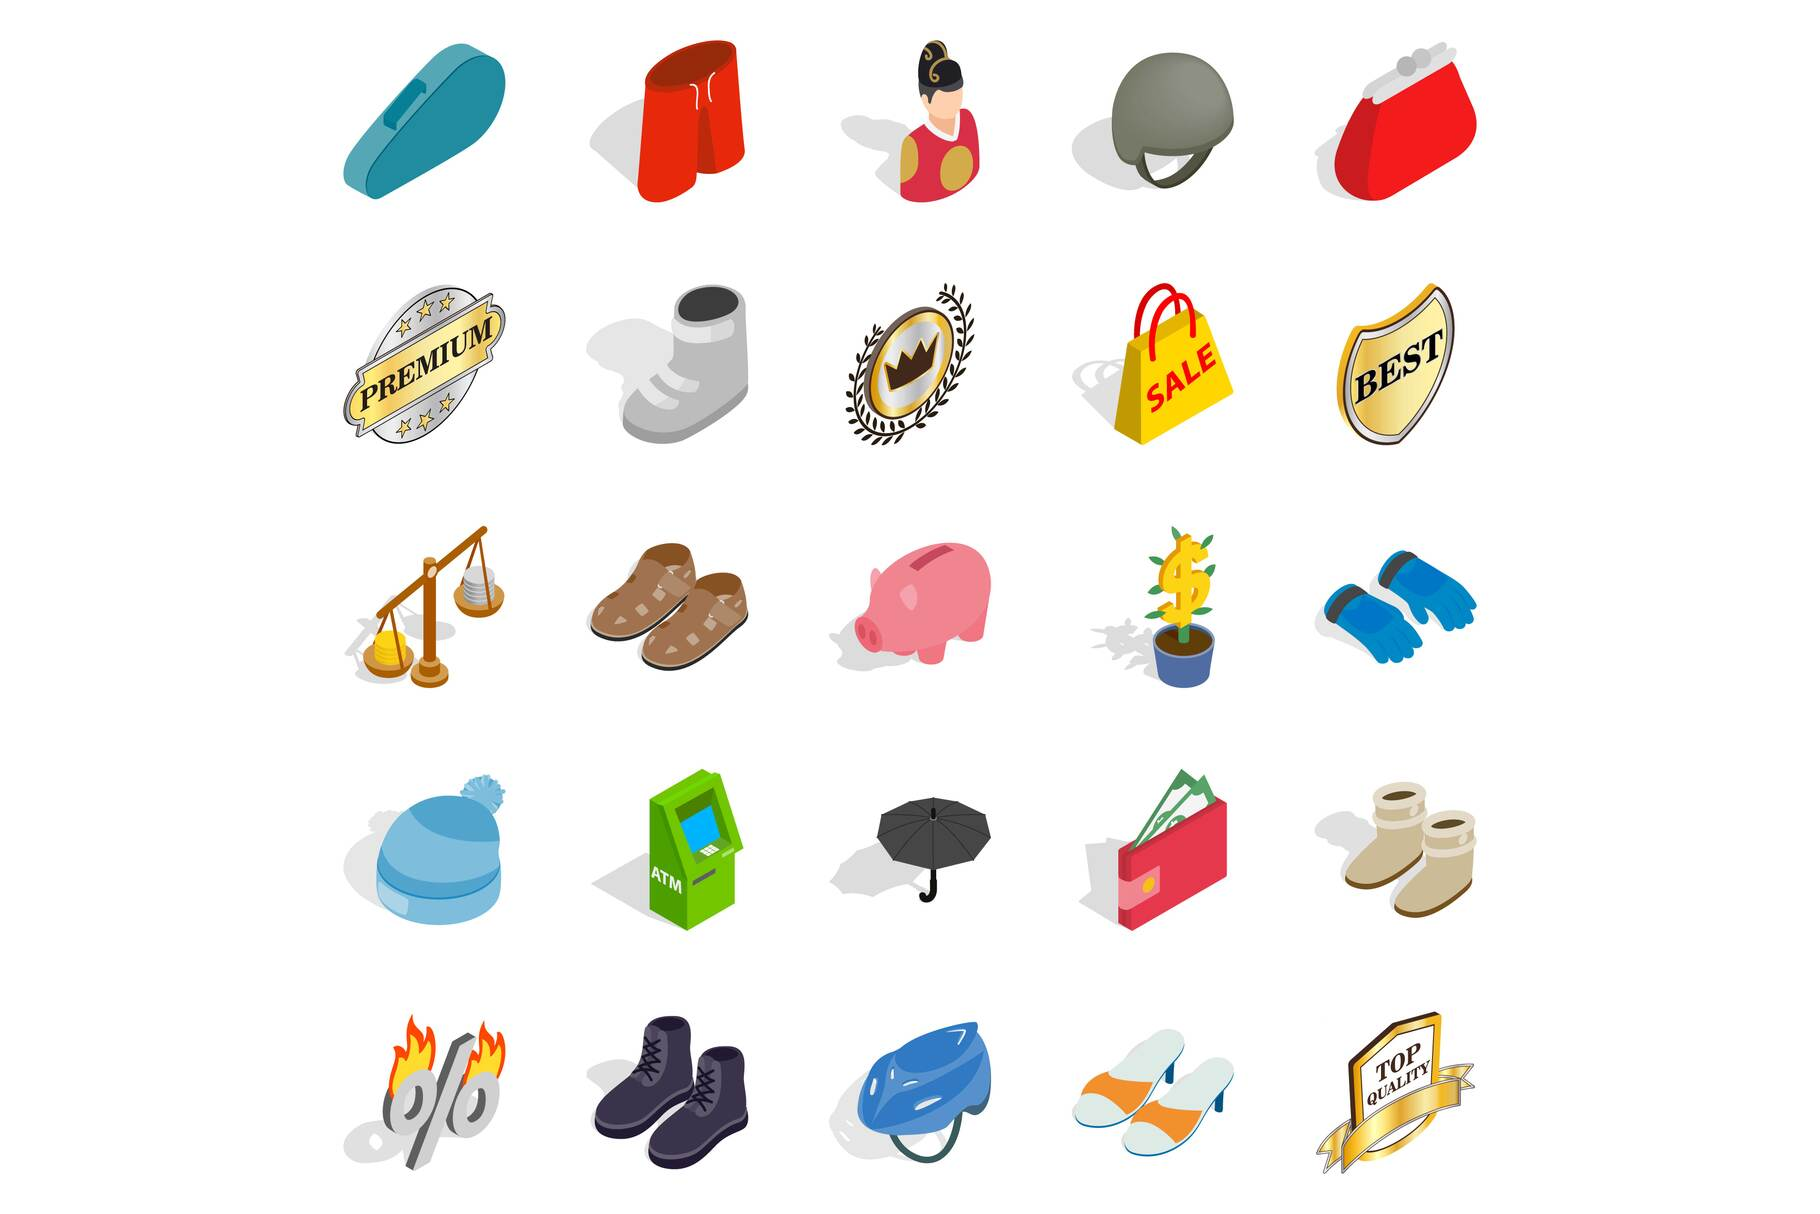 Luggage icons set, isometric style example image 1